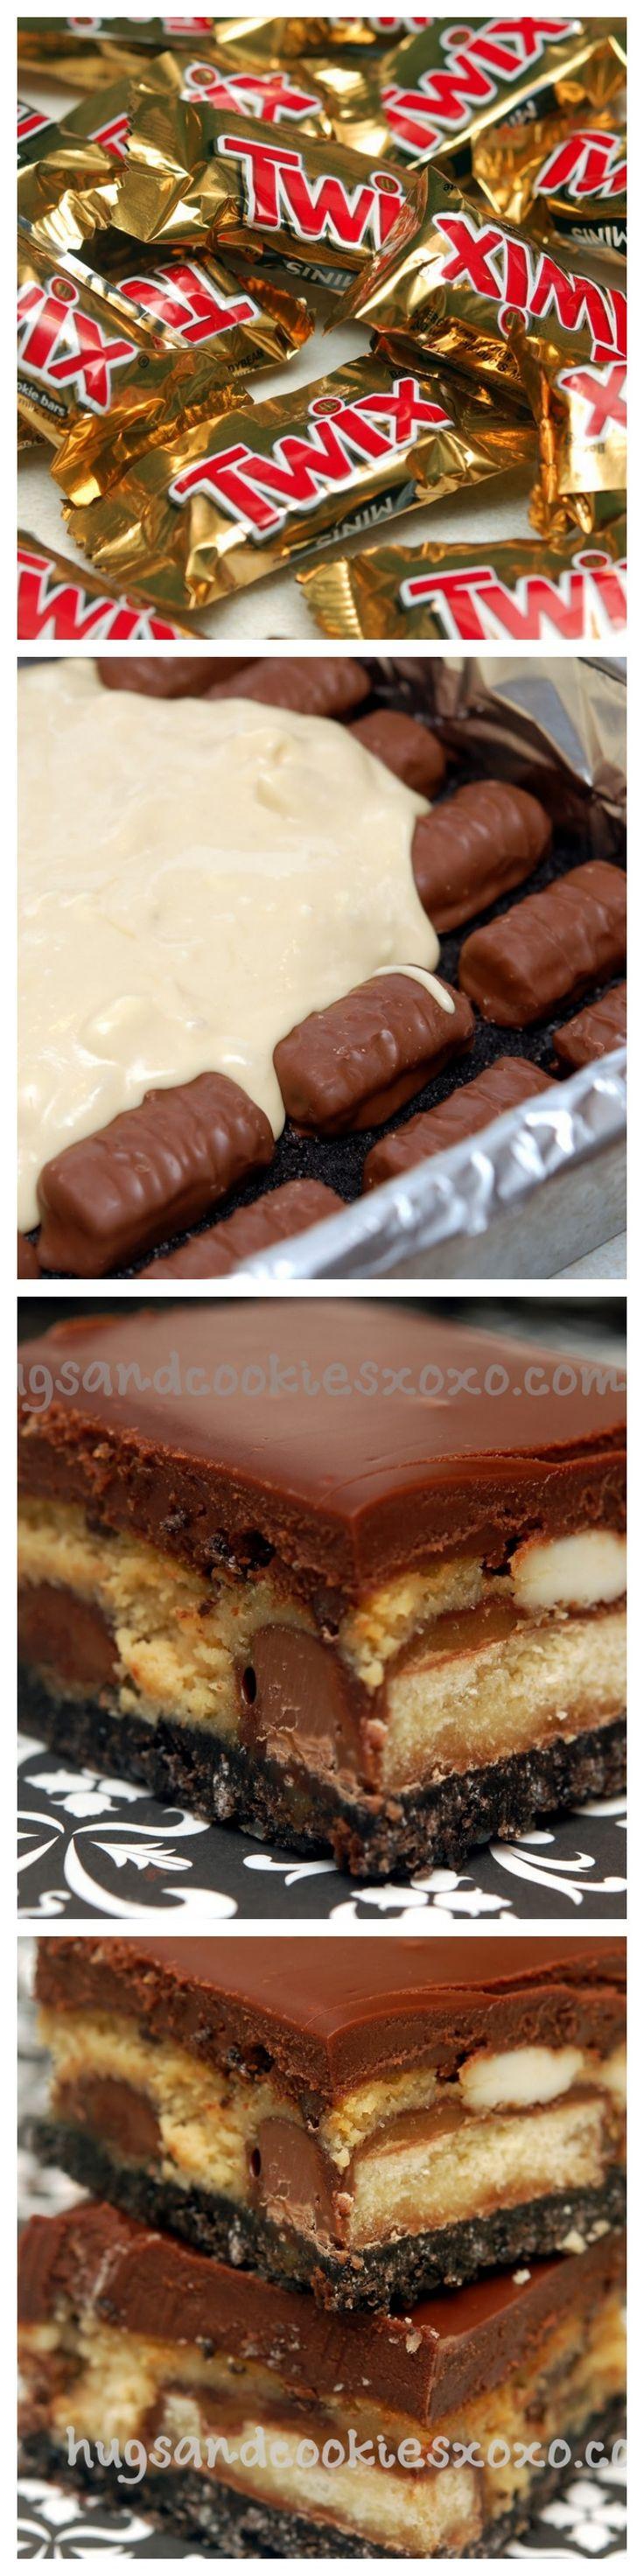 Twix Salted Caramel Cheesecake Bars